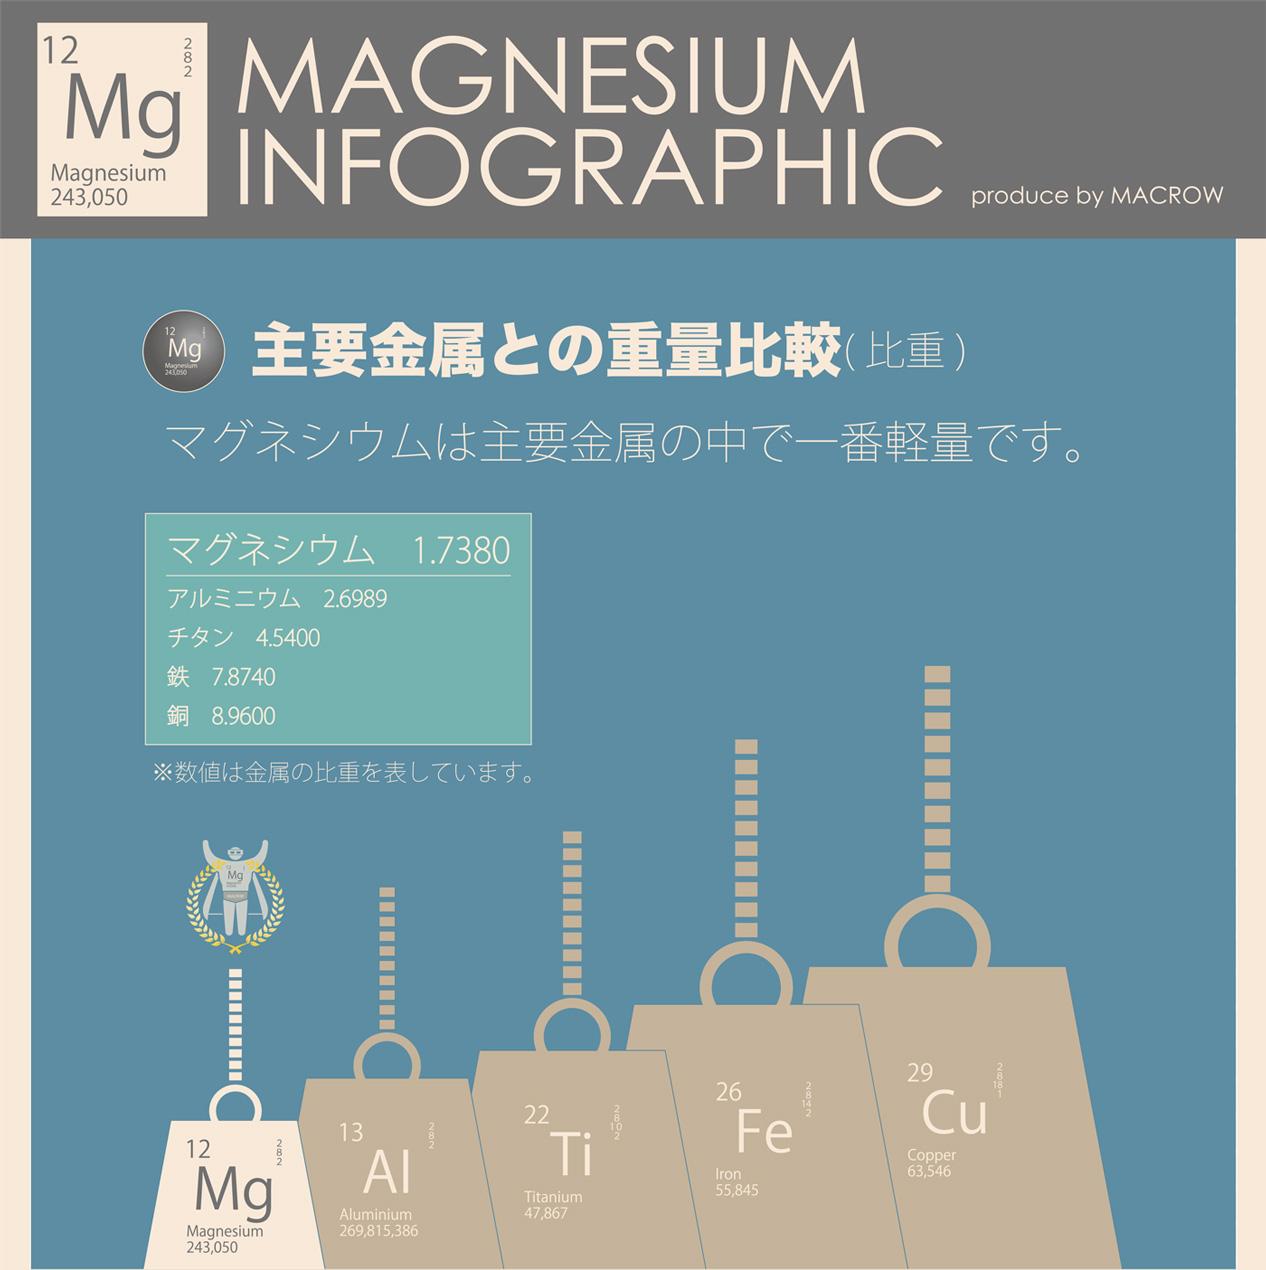 マグネシウムの重さは、鉄の4分の1、チタンの2分の1、アルミの3分の2。実用金属中最軽量!